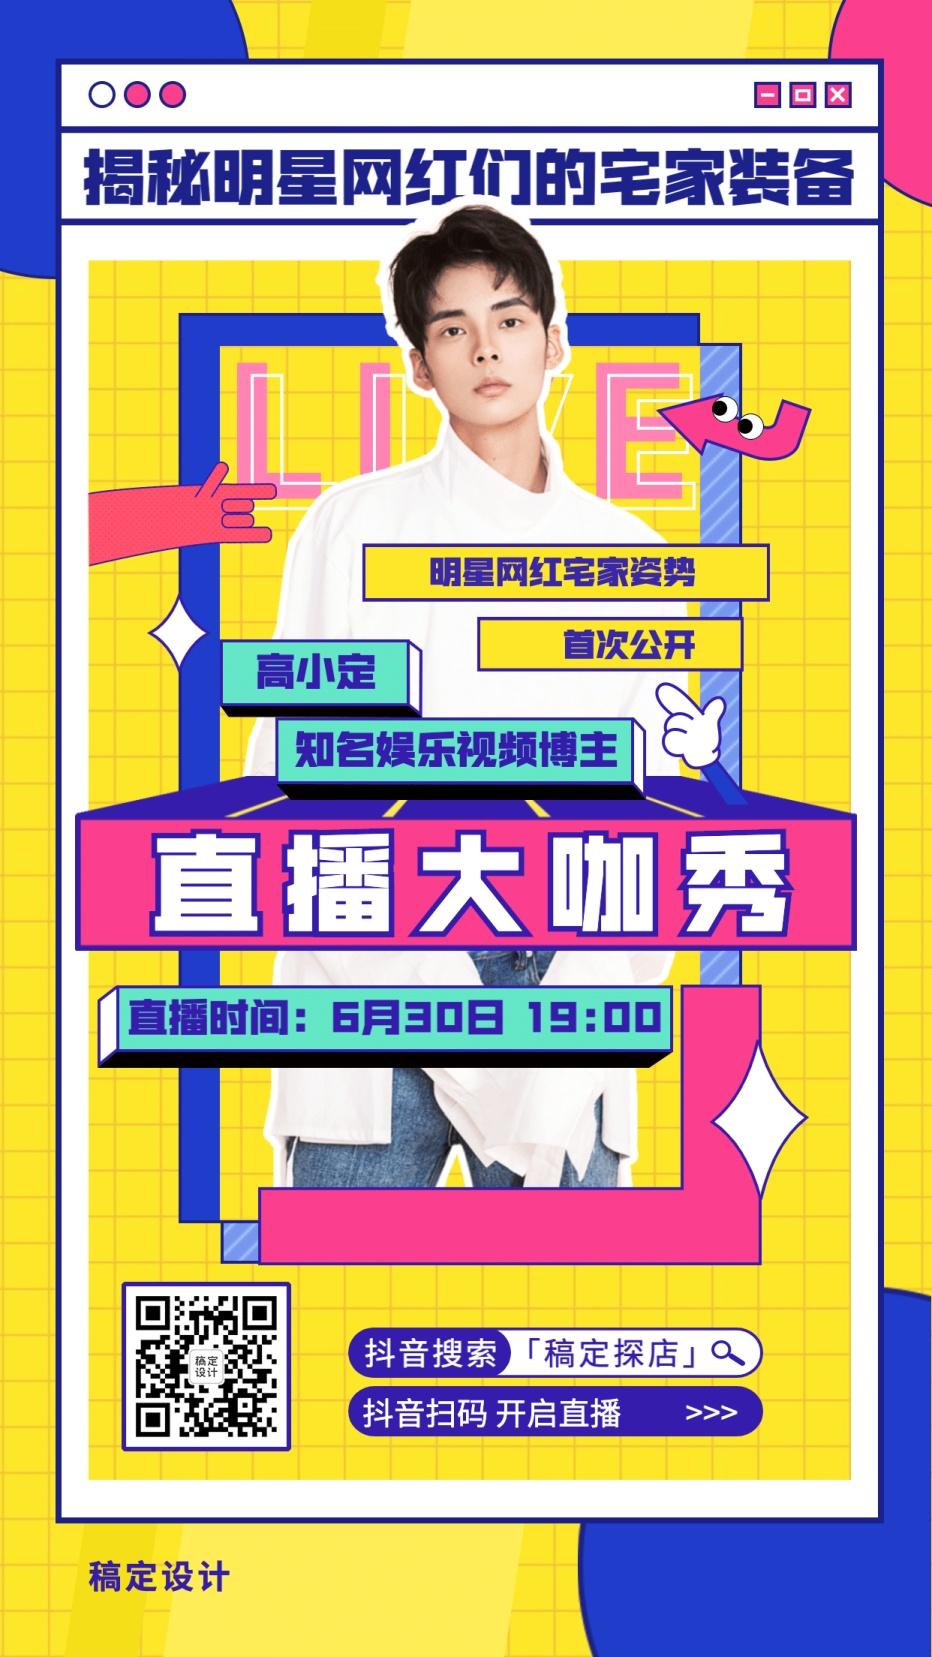 网红综艺娱乐直播预告海报